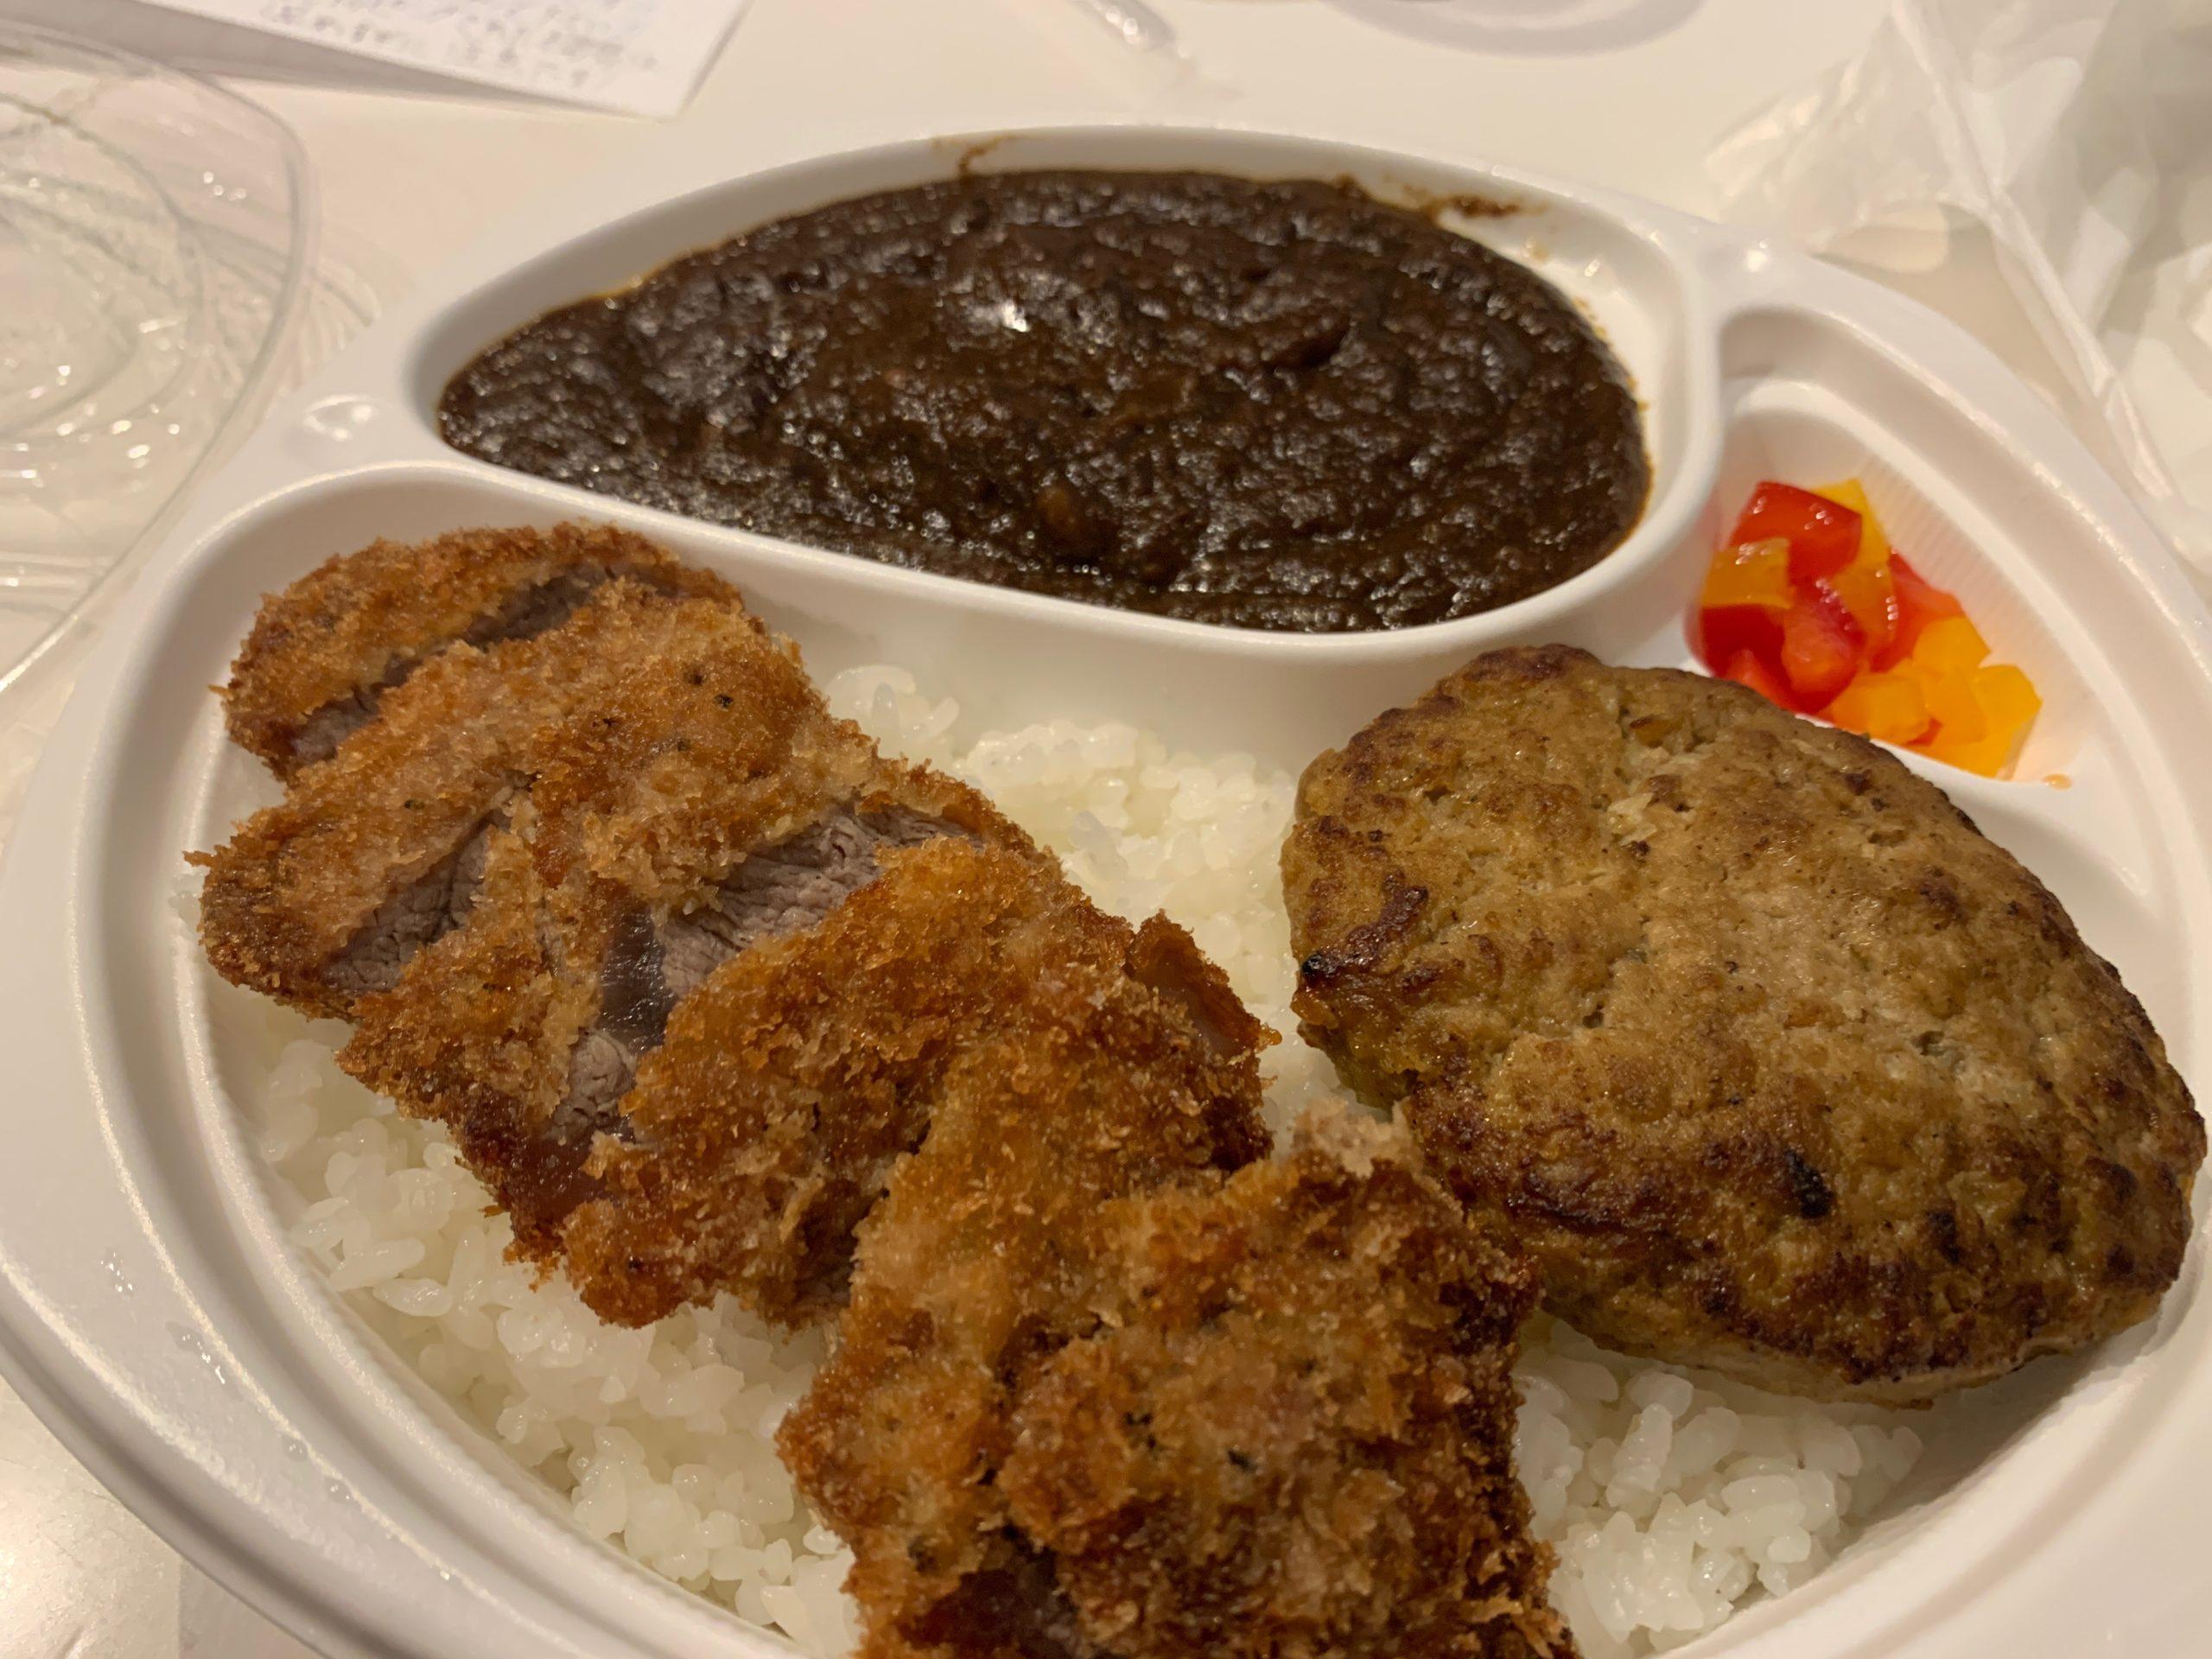 【天文館・パスタン】スーパー肉肉しいステーキ屋さんのカレーが美味い!